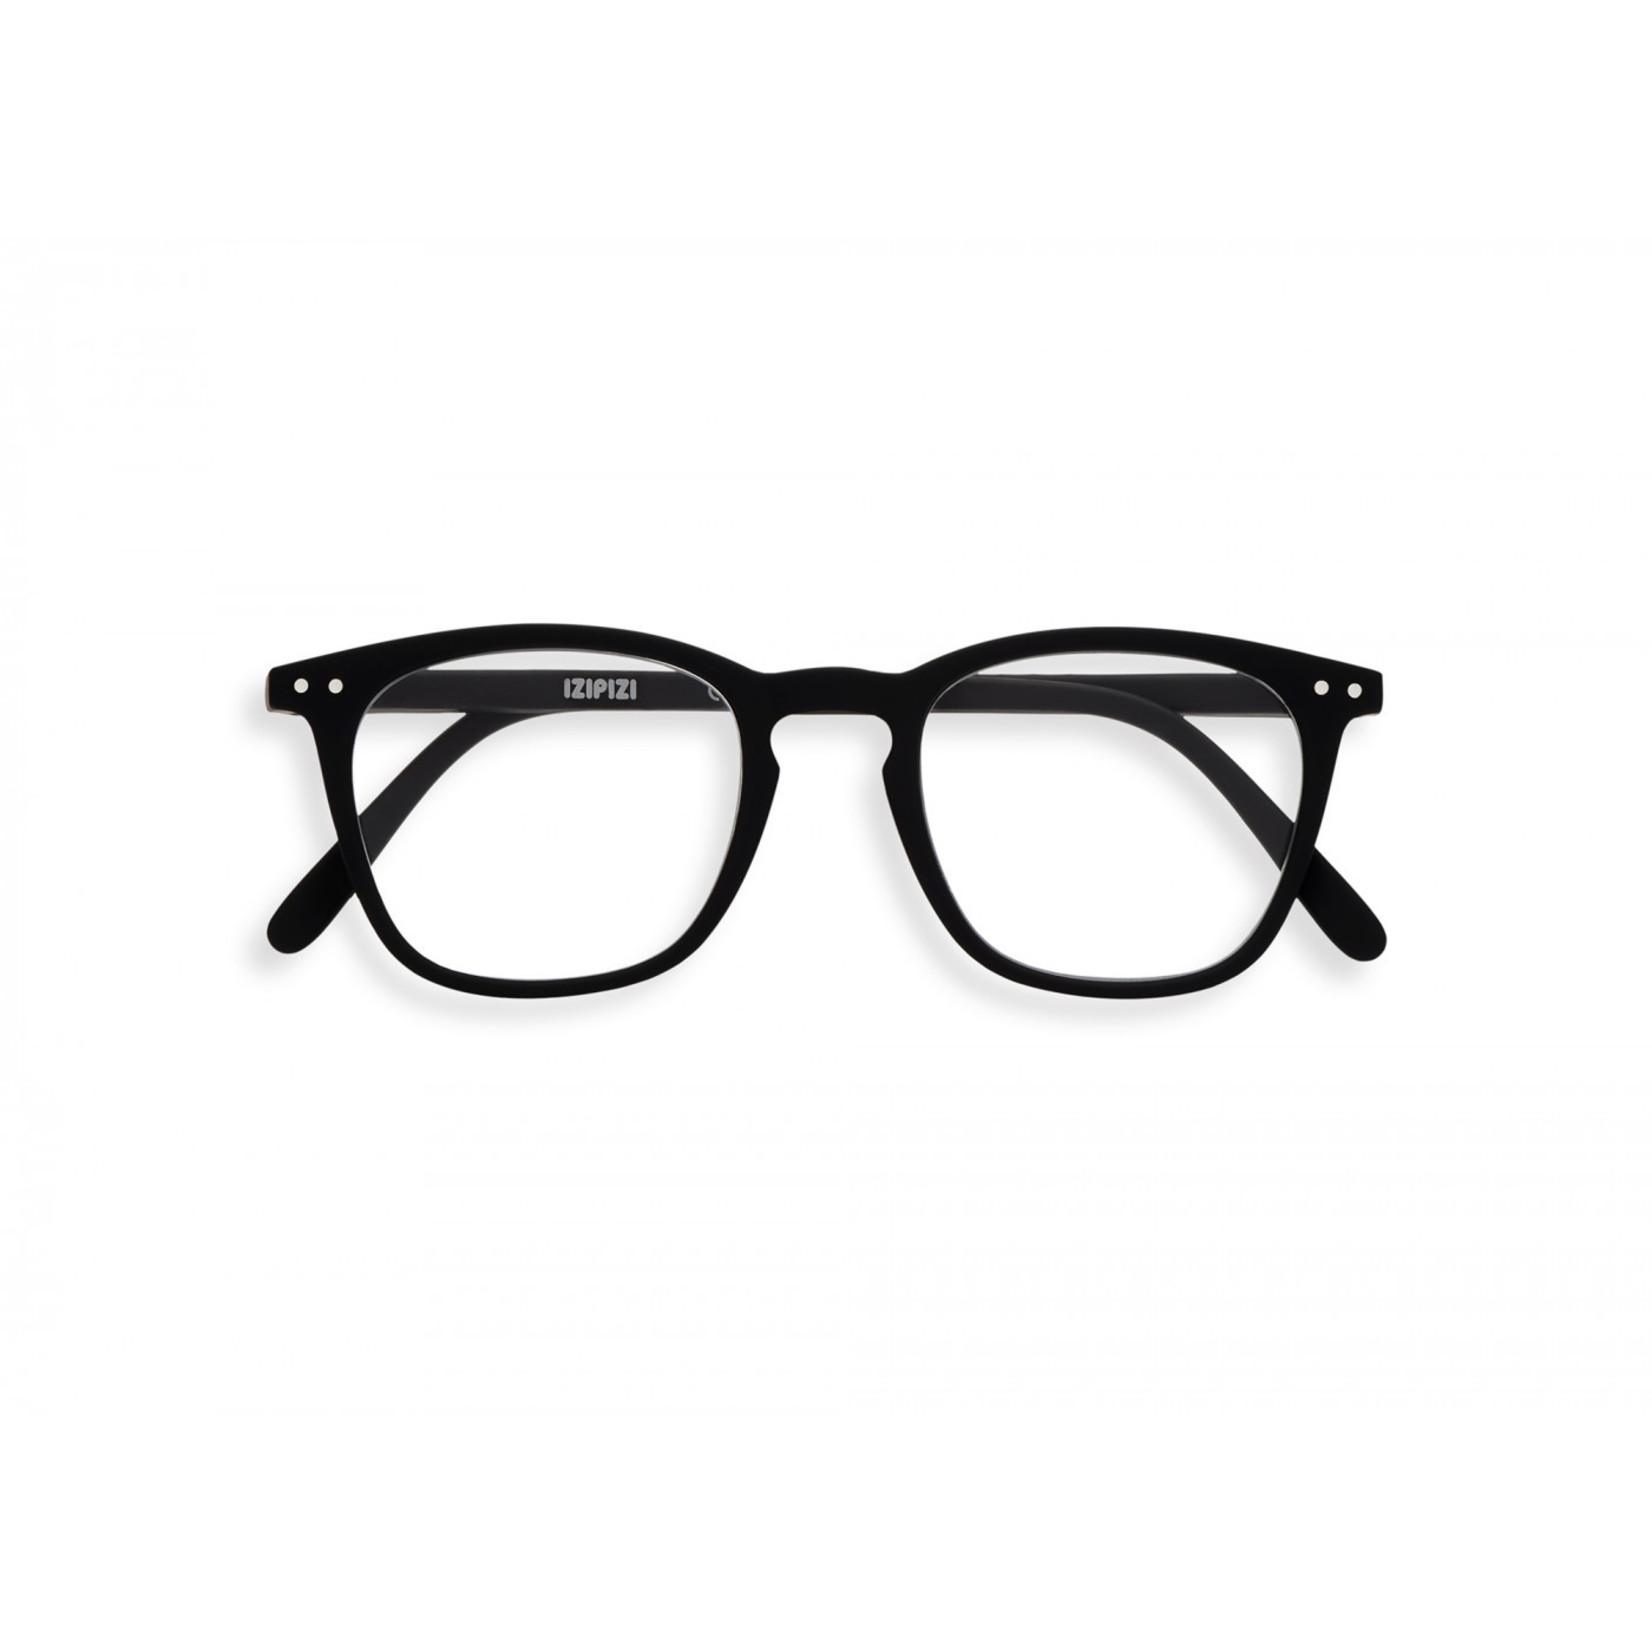 IZIPIZI #E The Trapese Reading Glasses